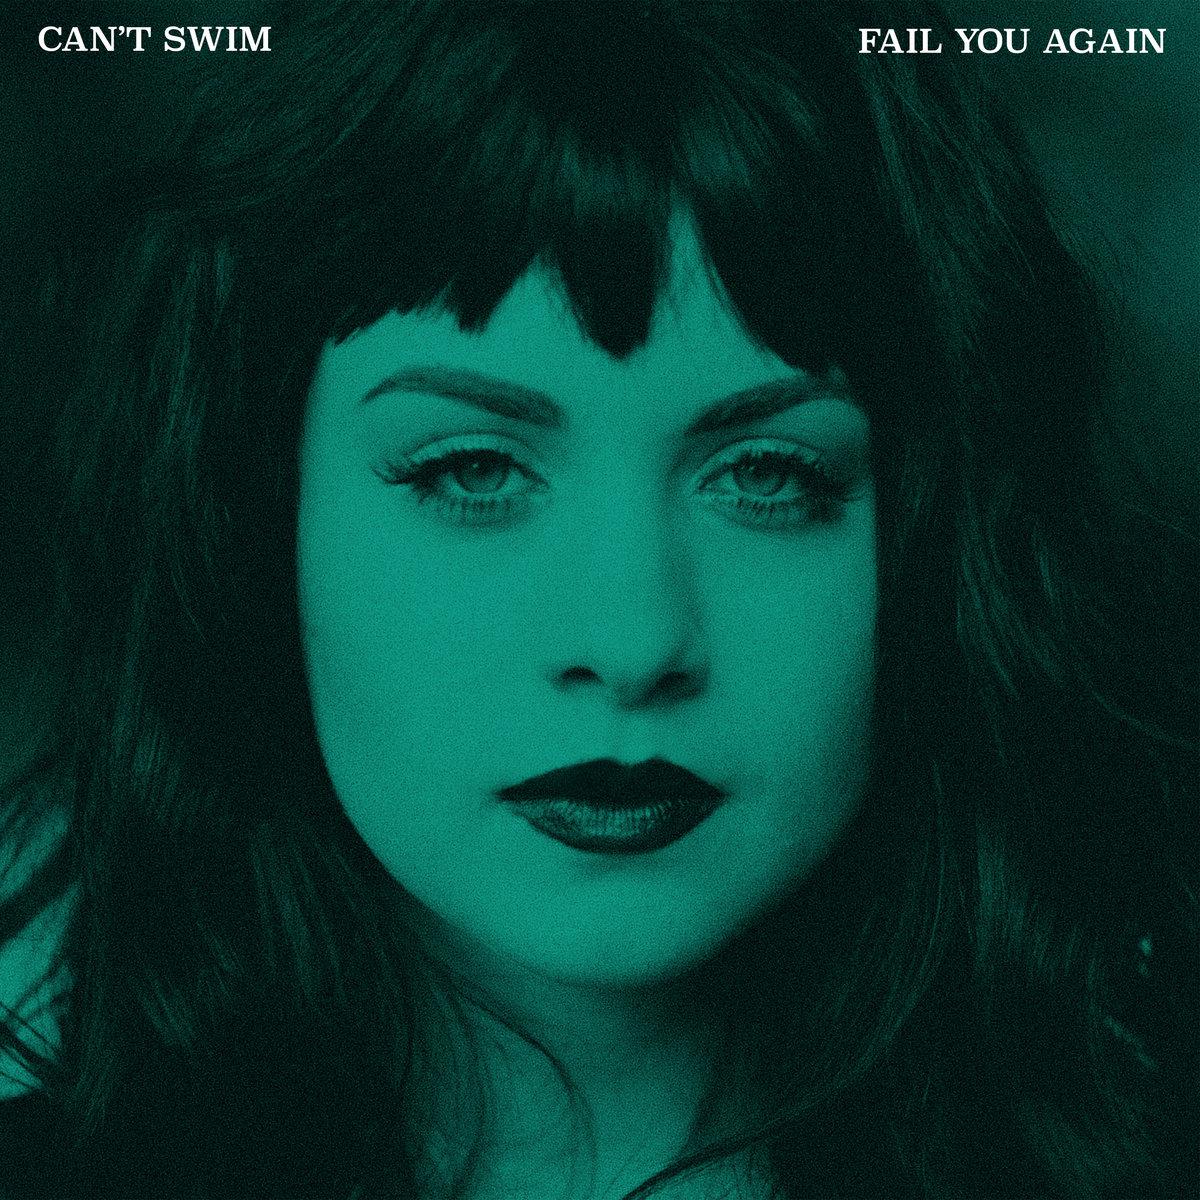 cant swim - fail you again